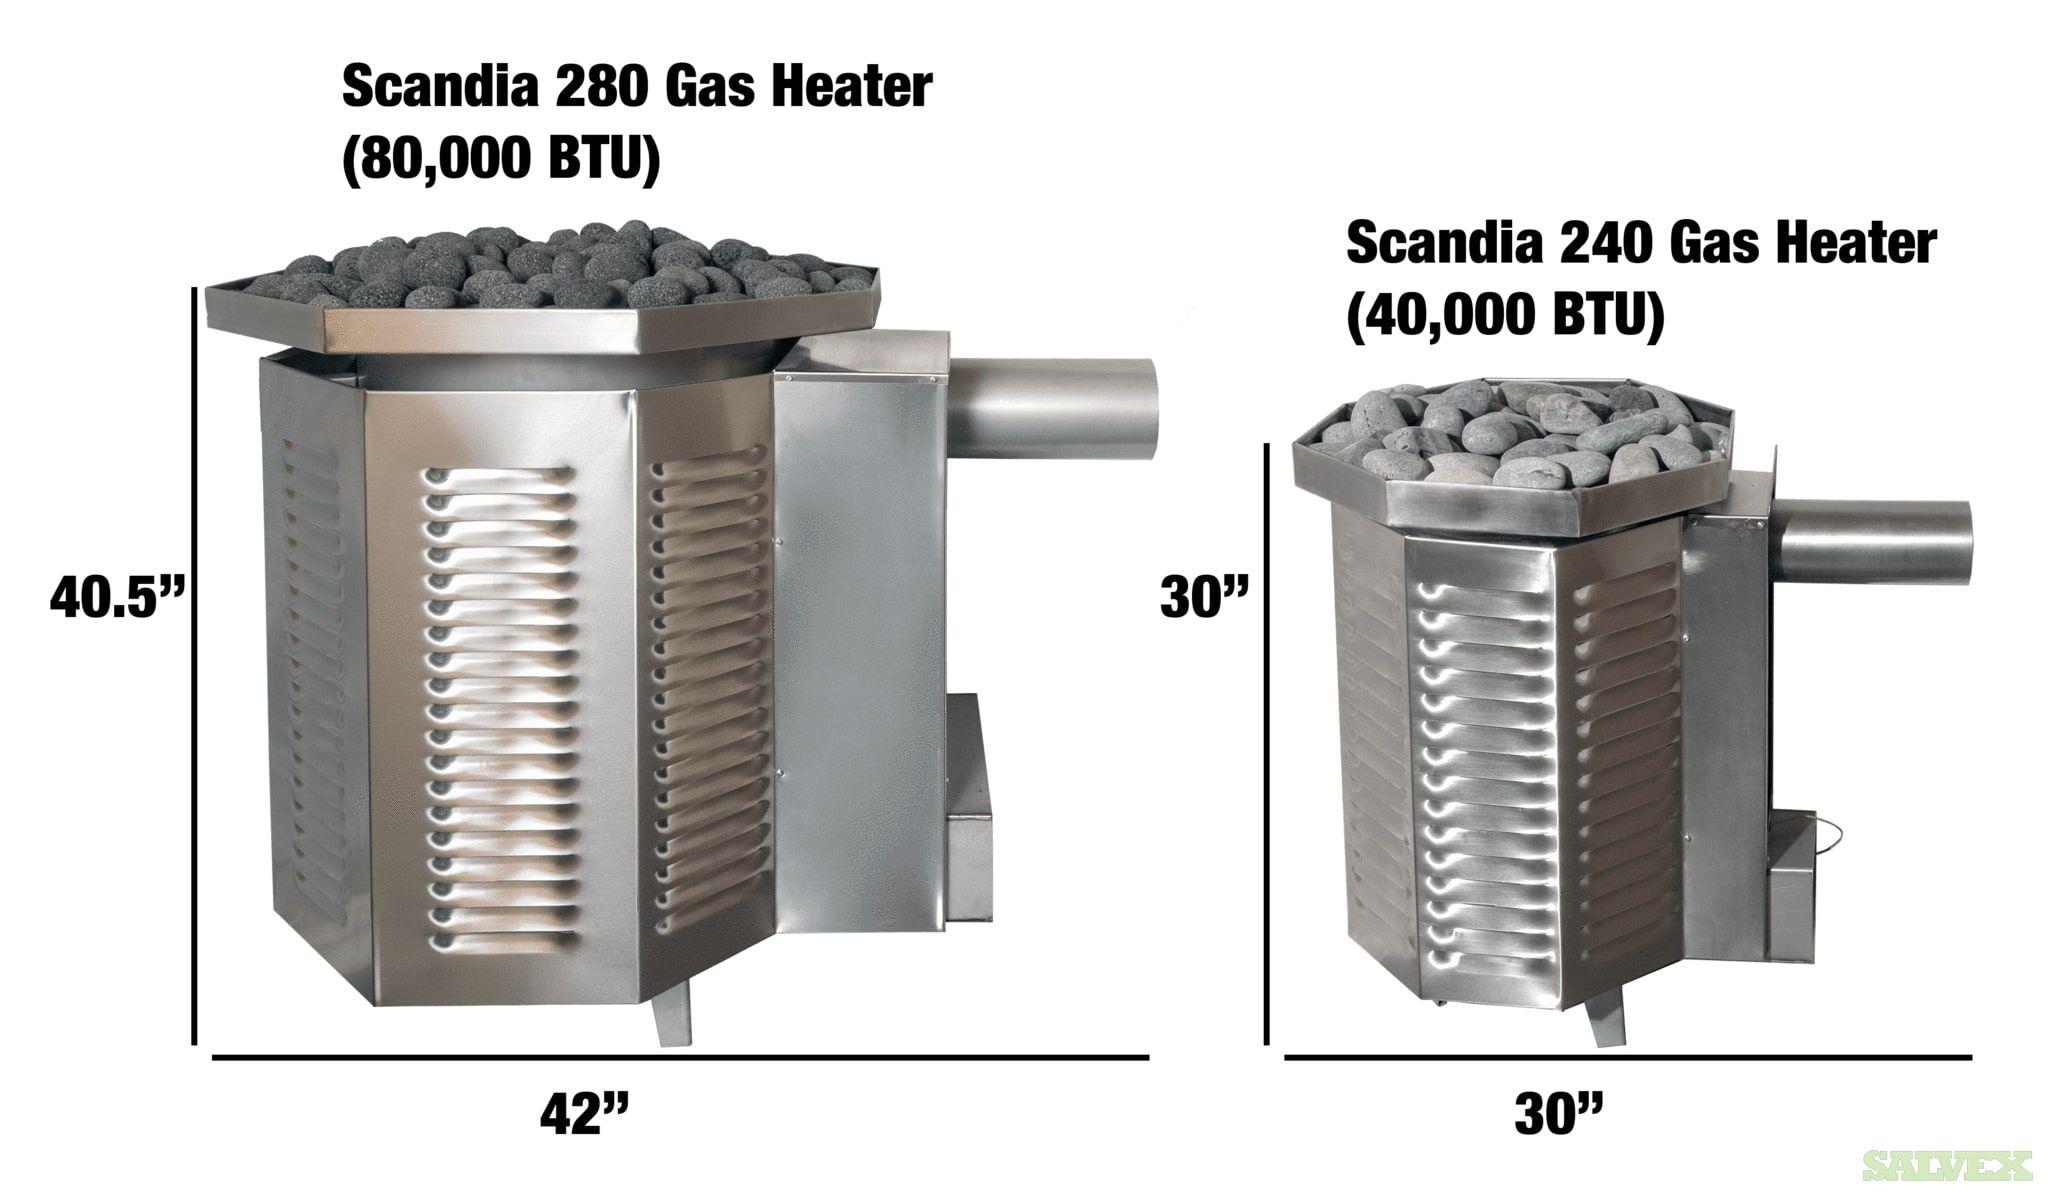 Scandia 80,000 BTU Gas Sauna Heaters (2 Units)